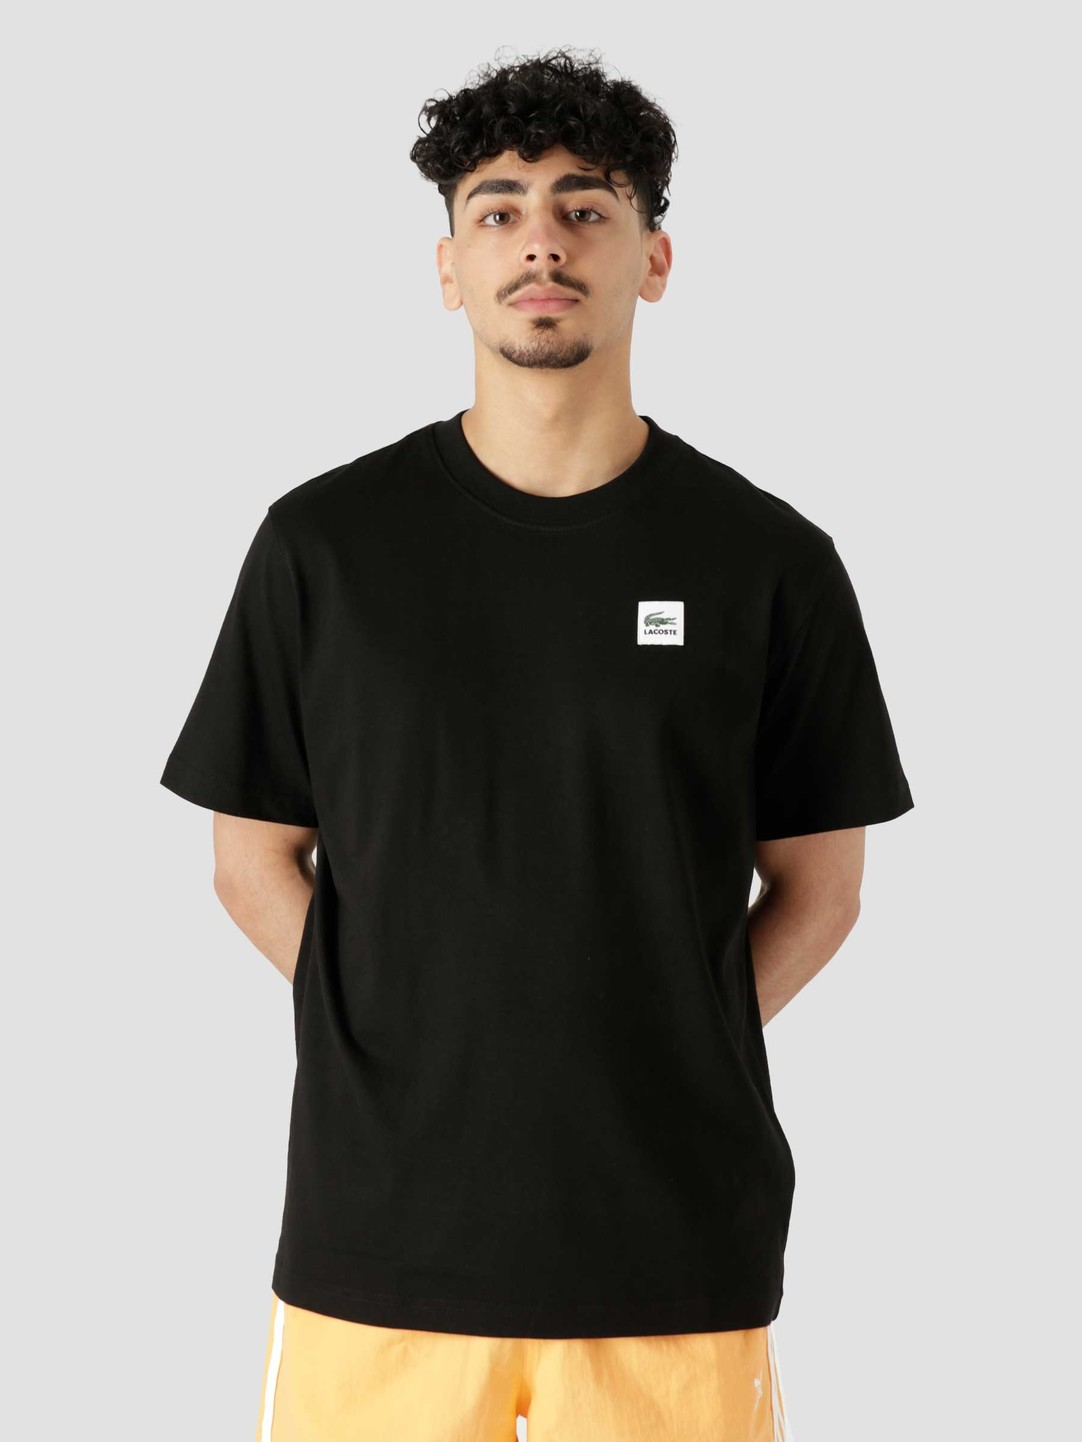 Lacoste Lacoste 1HT1 Men's T-Shirt Black TH9163-11